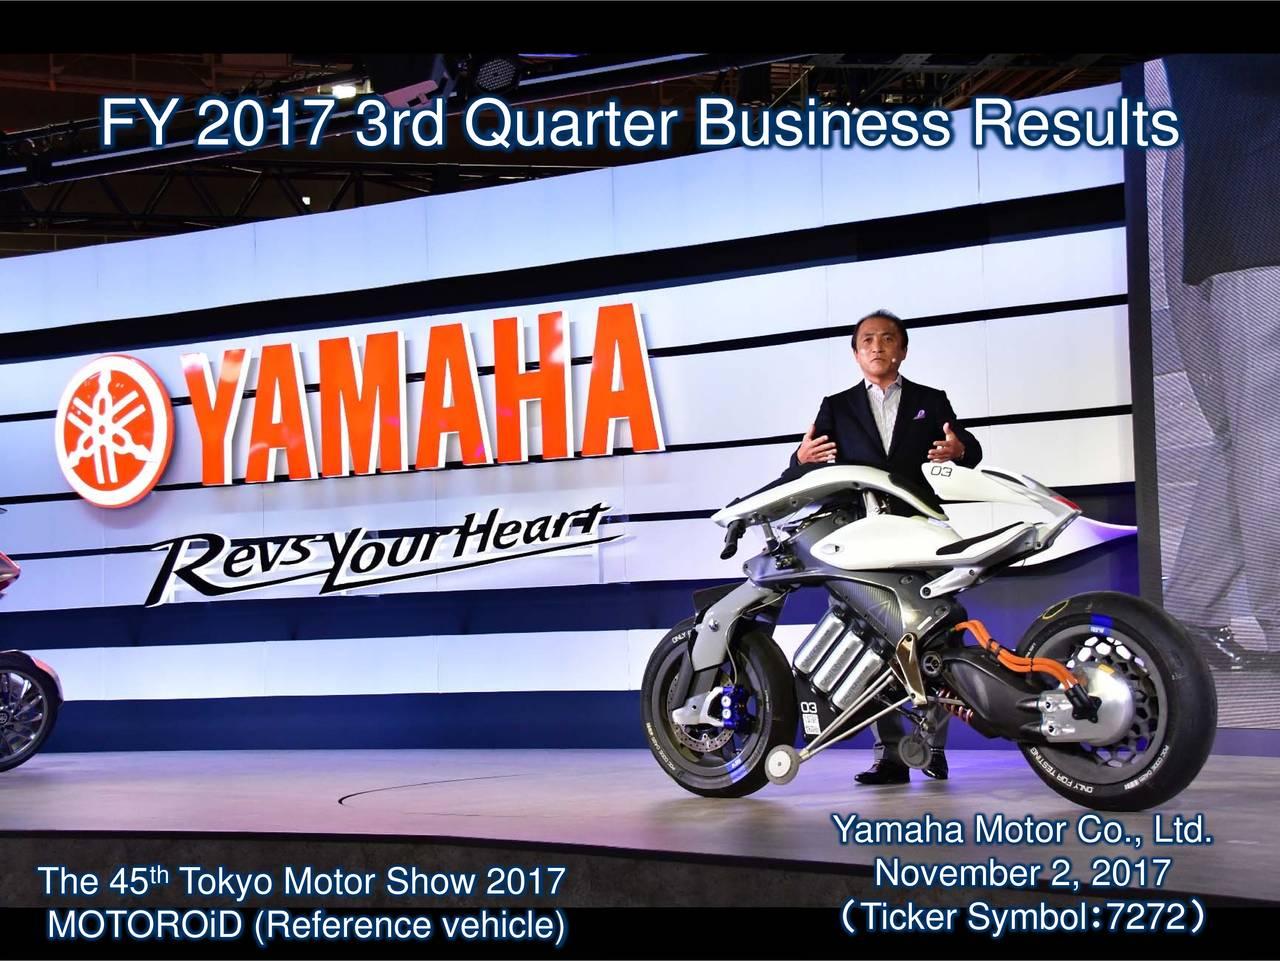 medium resolution of yamaha motor co ltd adr 2017 q3 results earnings call slides